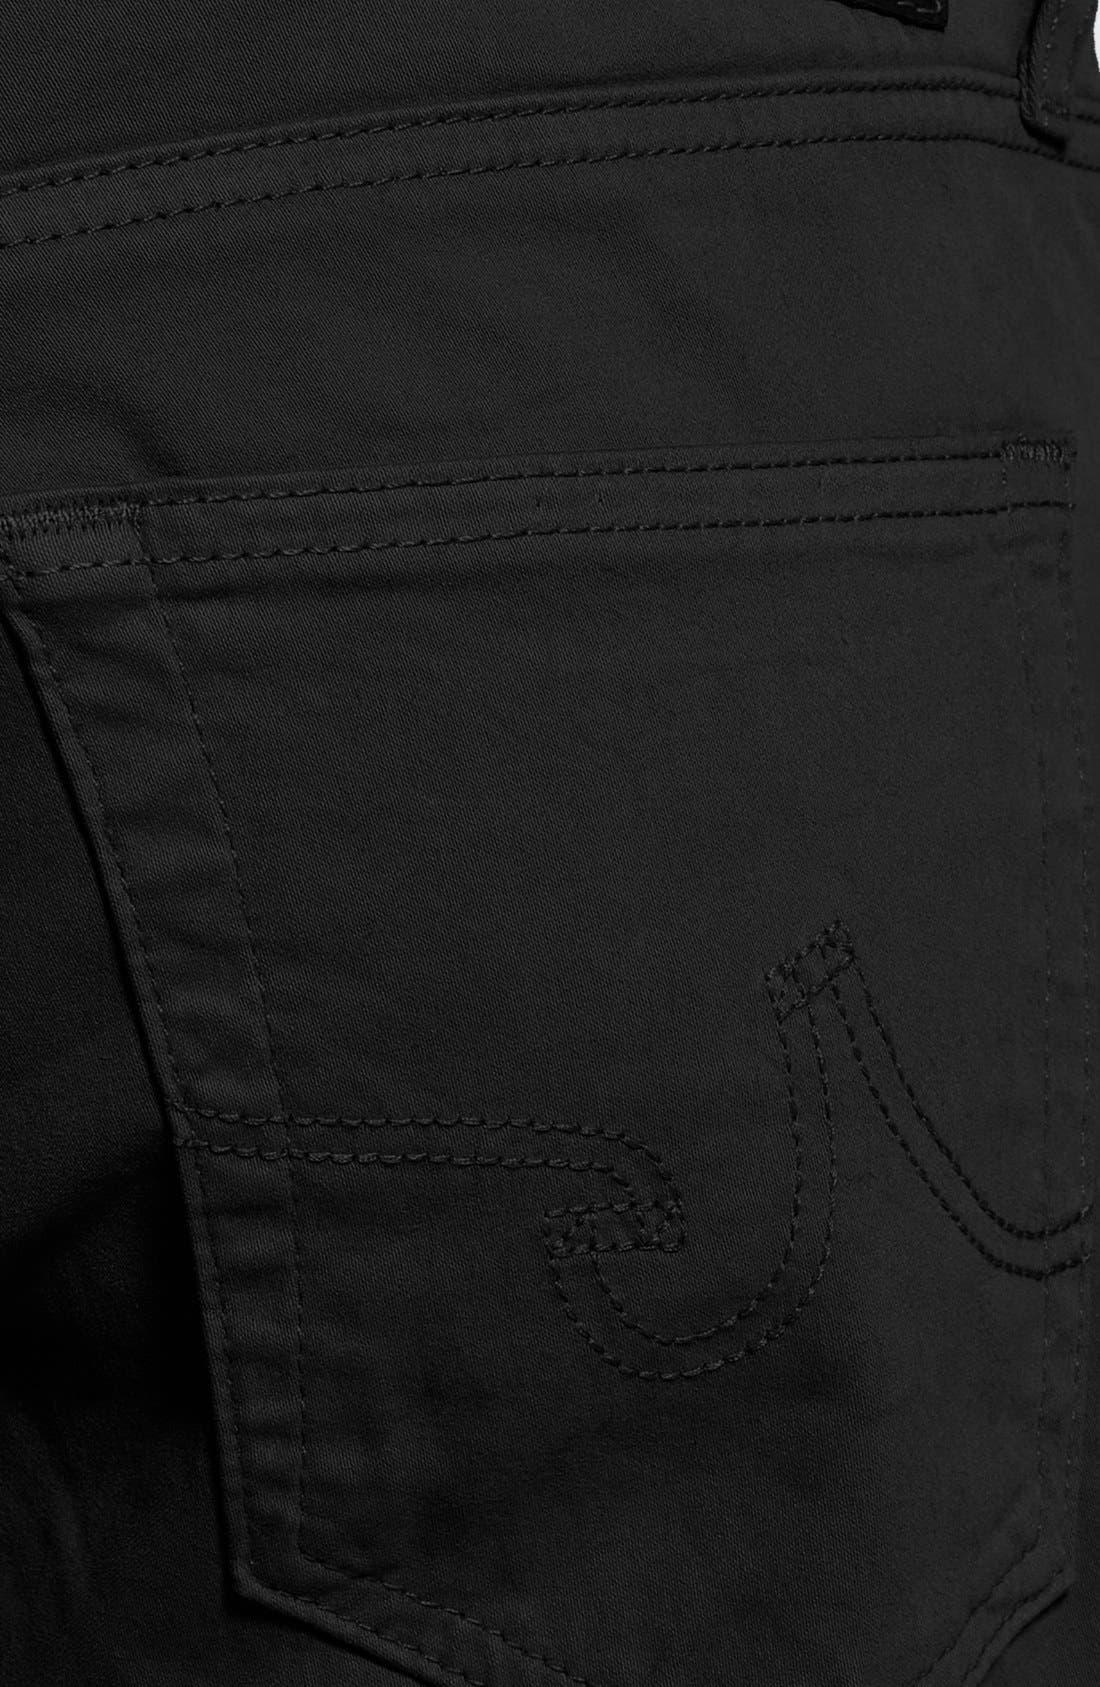 'Protégé SUD' Straight Leg Pants,                             Alternate thumbnail 2, color,                             010